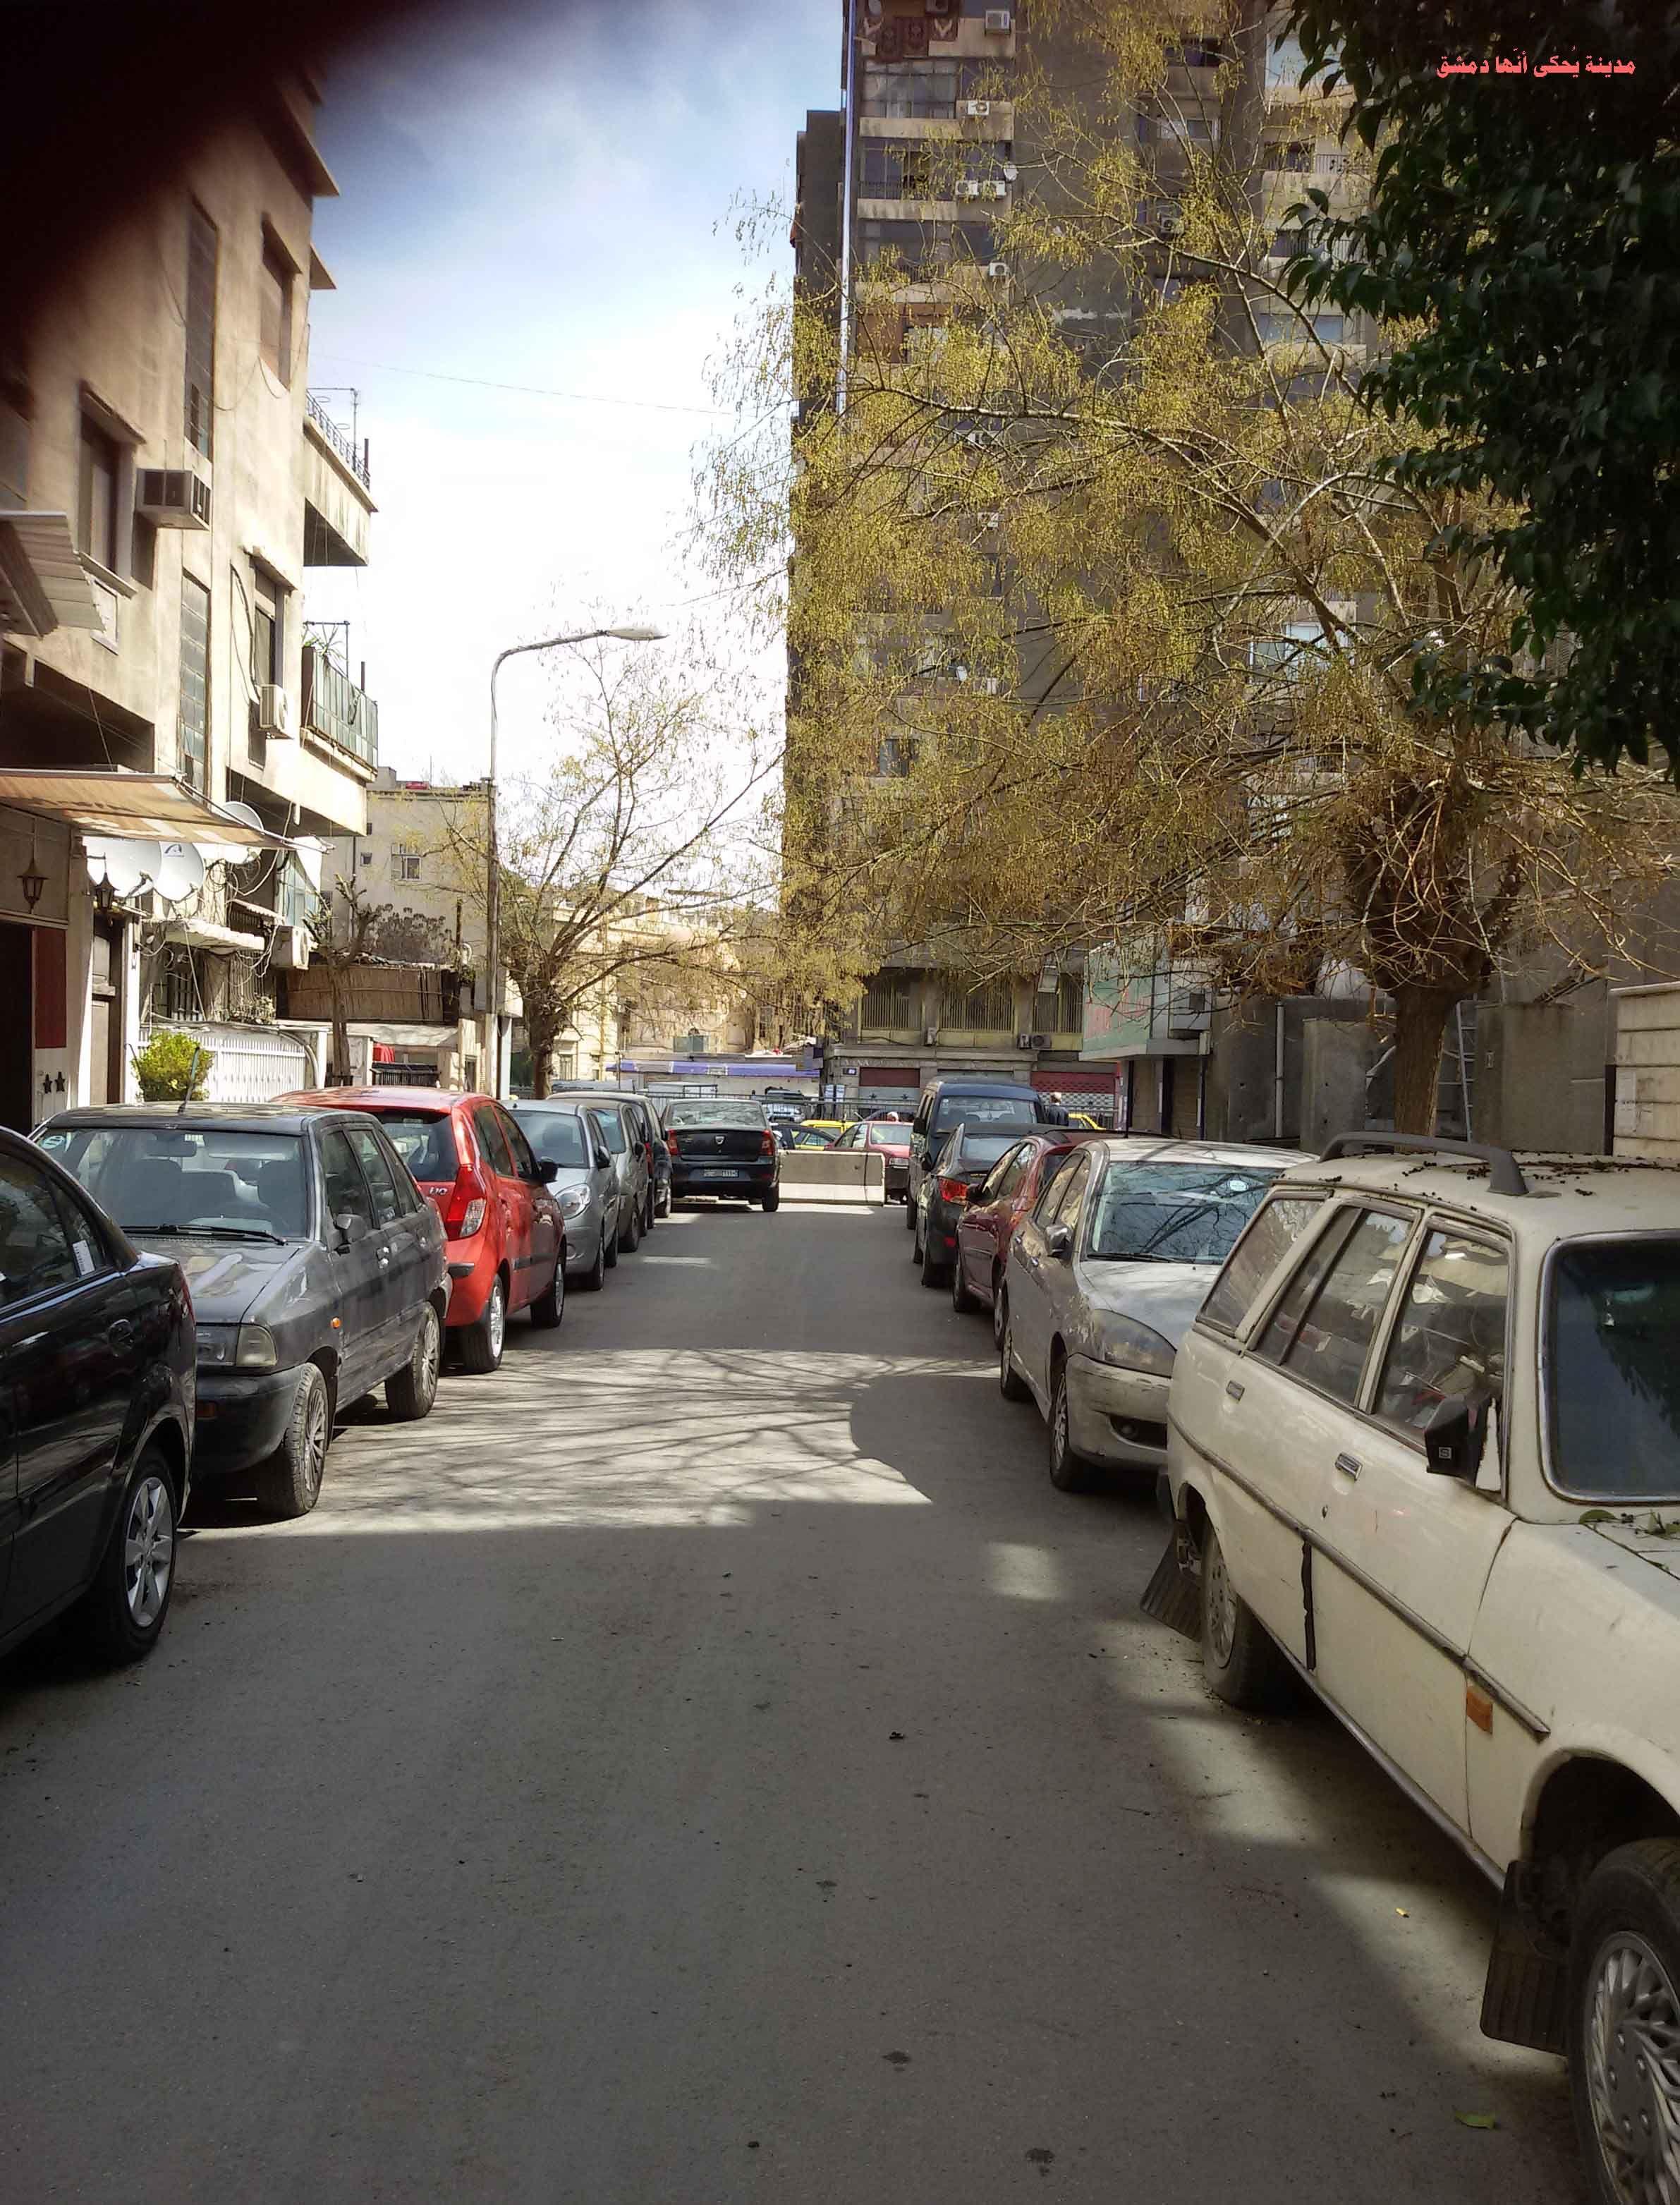 عين الكرش دمشق مدينة ي حكى أن ها دمشق Road Vehicles Highway